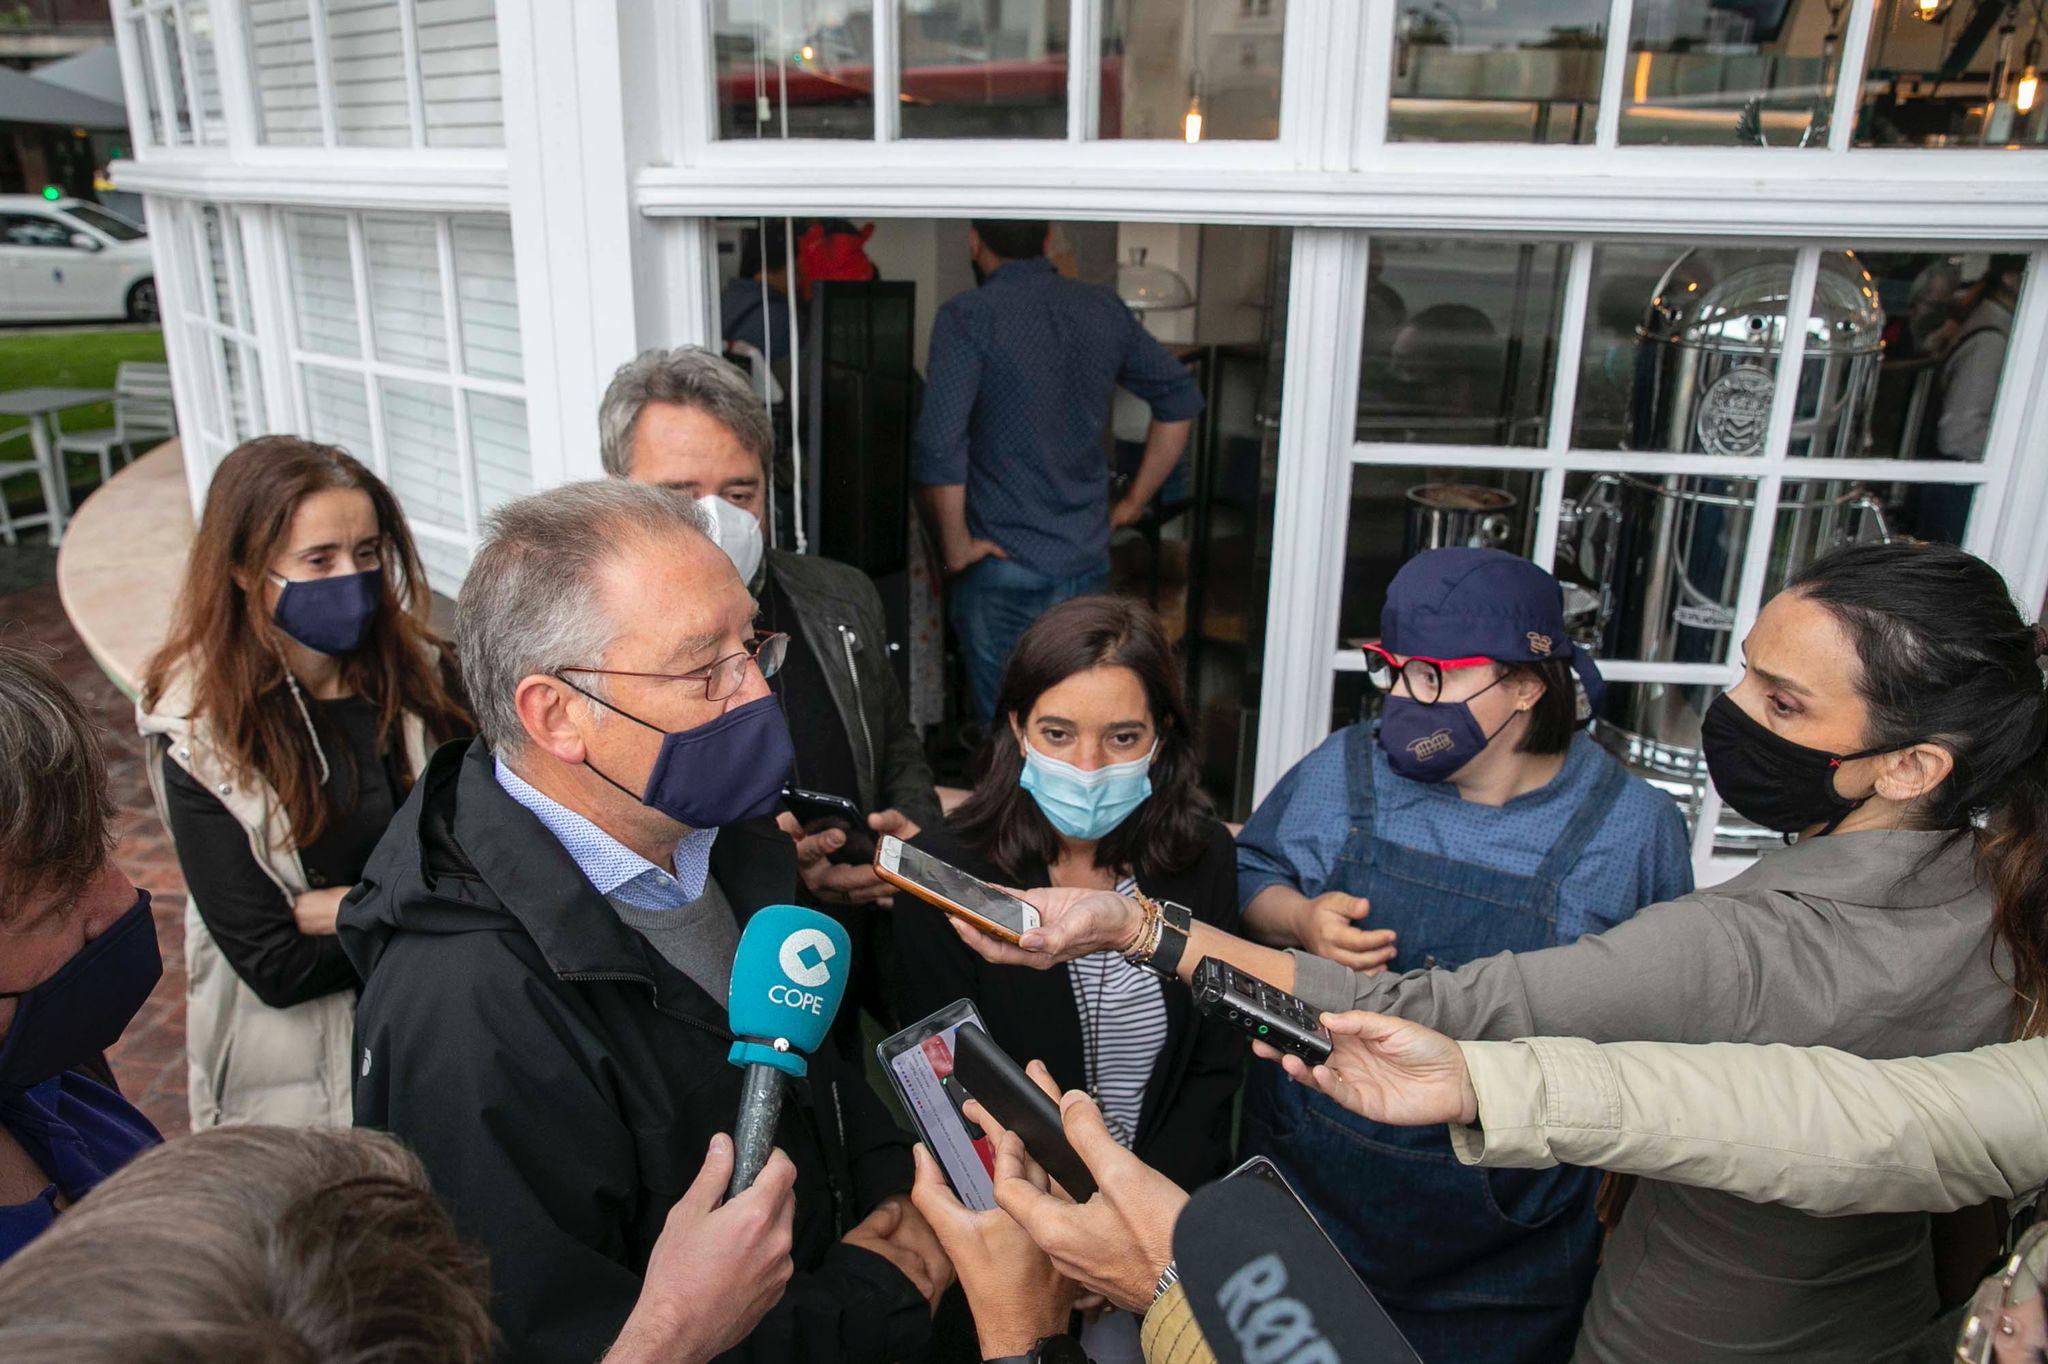 Visita inaugural a El Quiosco de Down Experience de la alcaldesa, Inés Rey, la concejala de Benestar Social, Yoya Neira, que están acompañadas del presidente de Down Coruña, Ricardo Santos